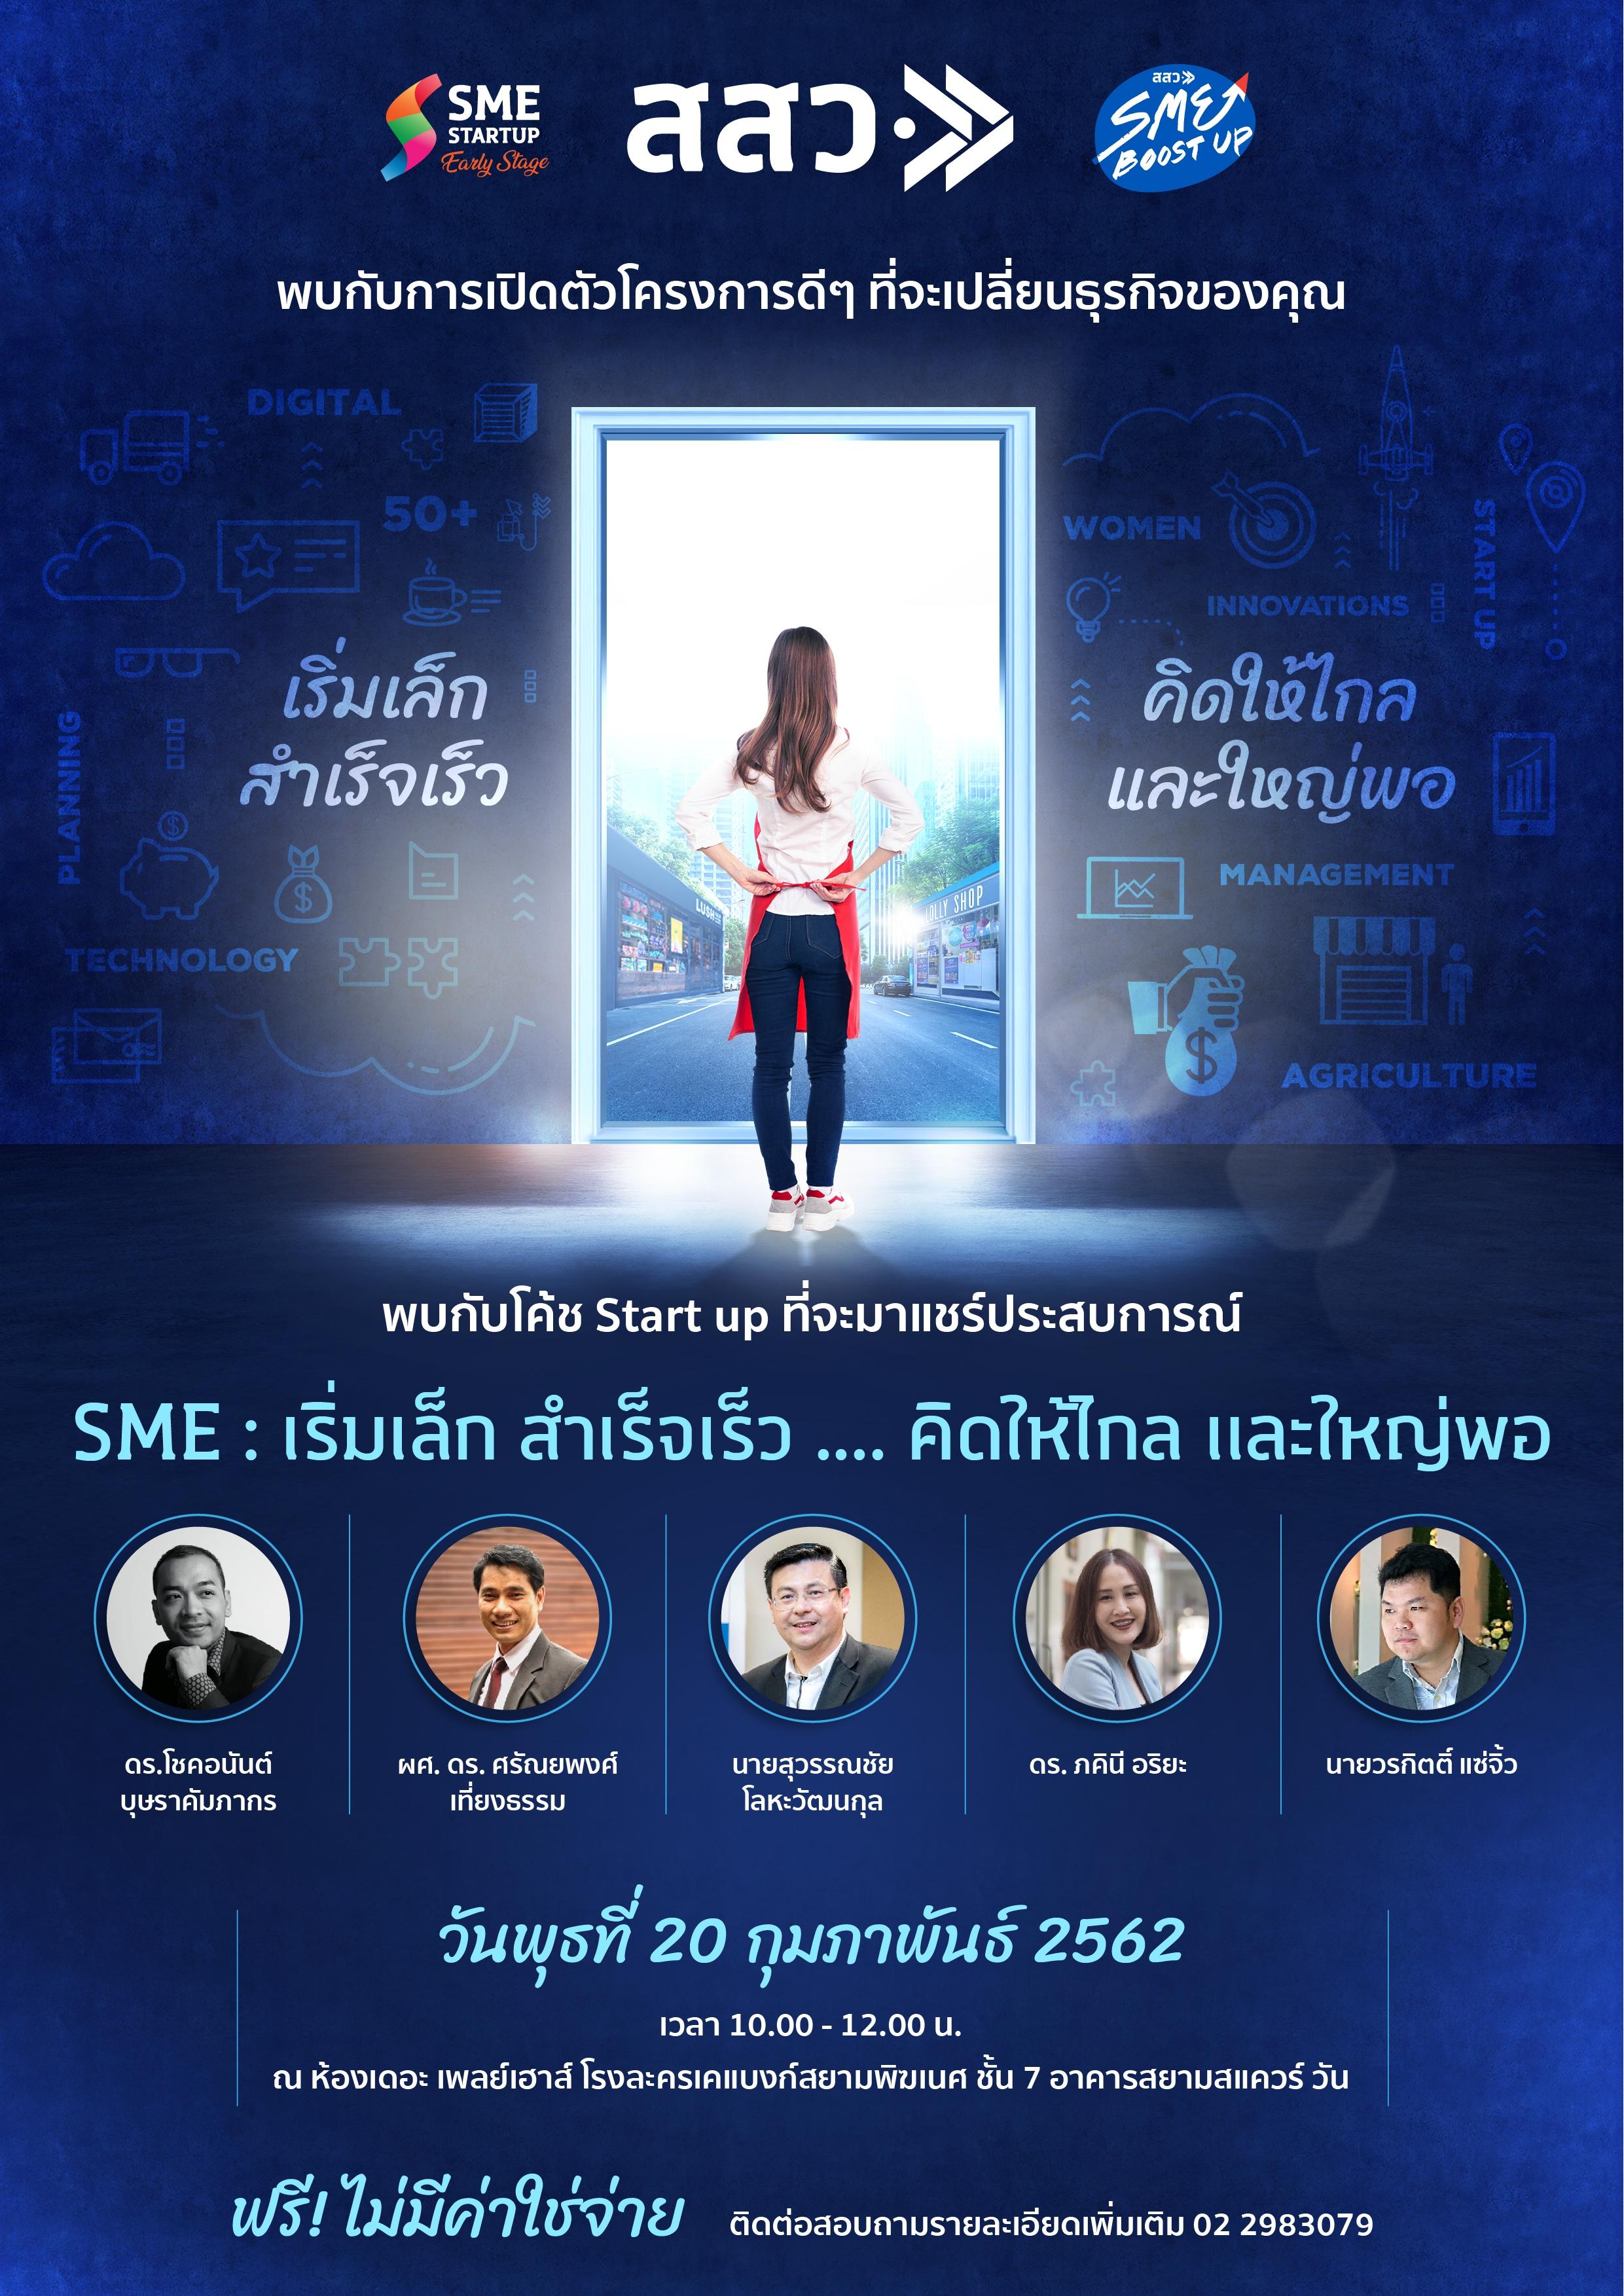 งานแถลงข่าวโครงการพัฒนาผู้ประกอบการใหม่ (SME Early Stage) และ โครงการยกระดับธุรกิจ (Boost Up New Entrepreneur) ปี 2562